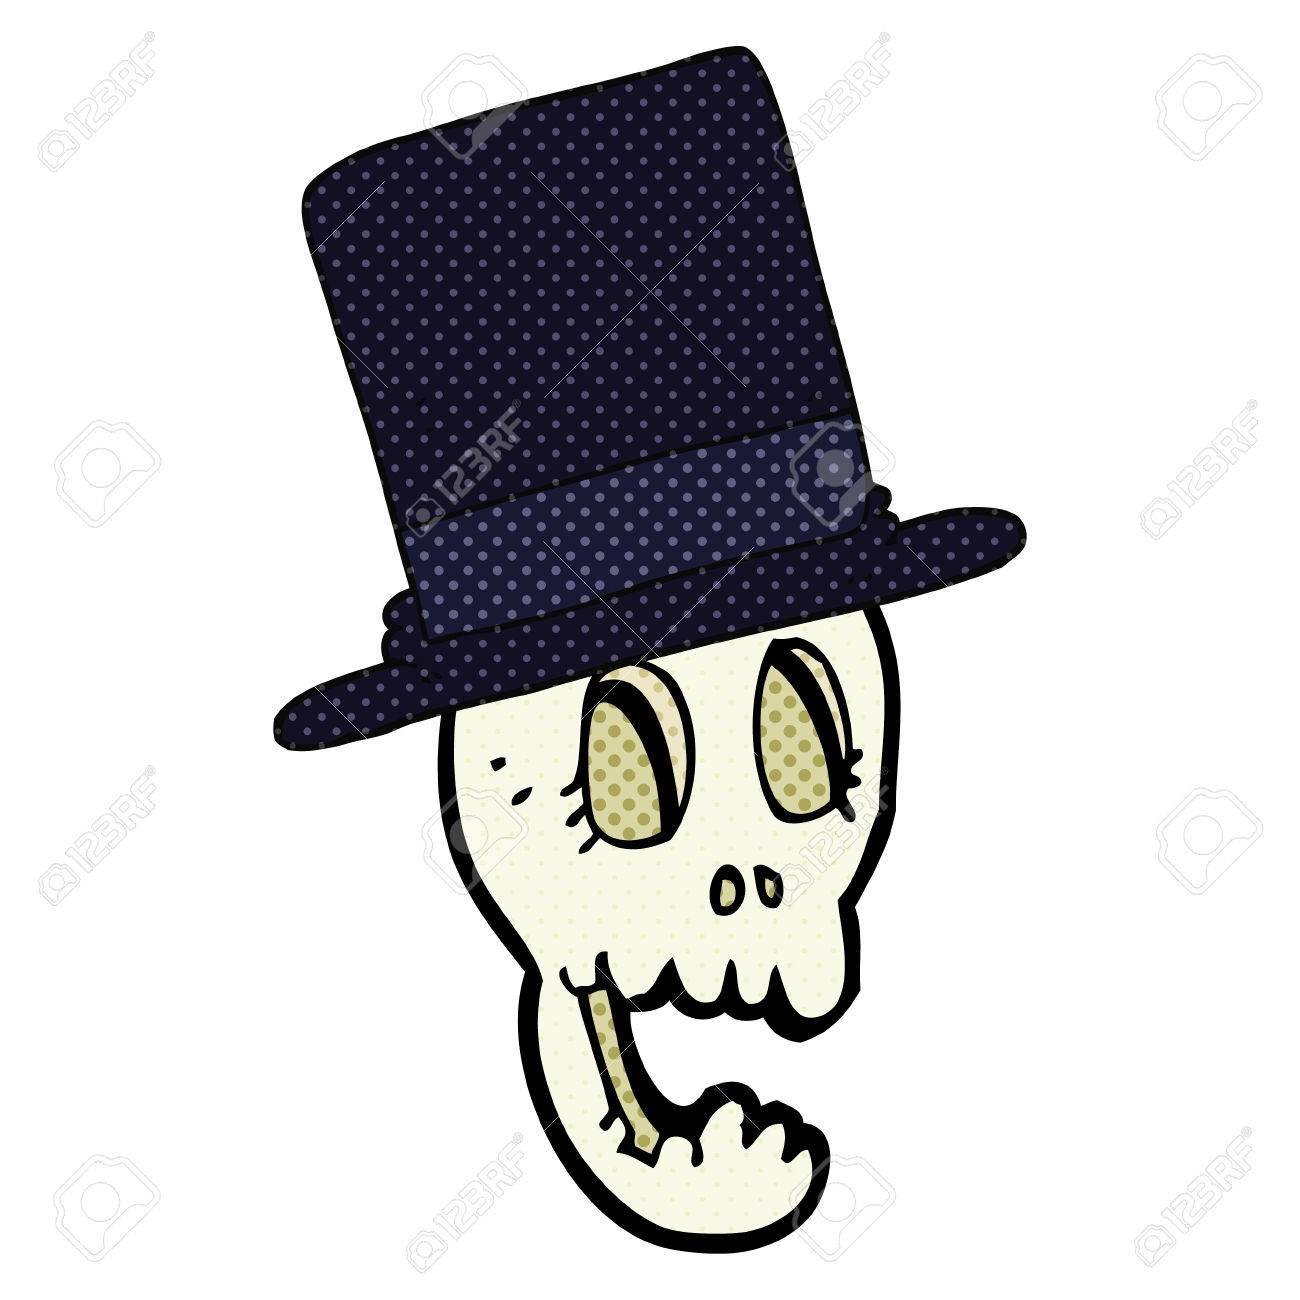 Archivio Fotografico - Cappello a cilindro del fumetto disegnato a mano  libera c4dd6f167025